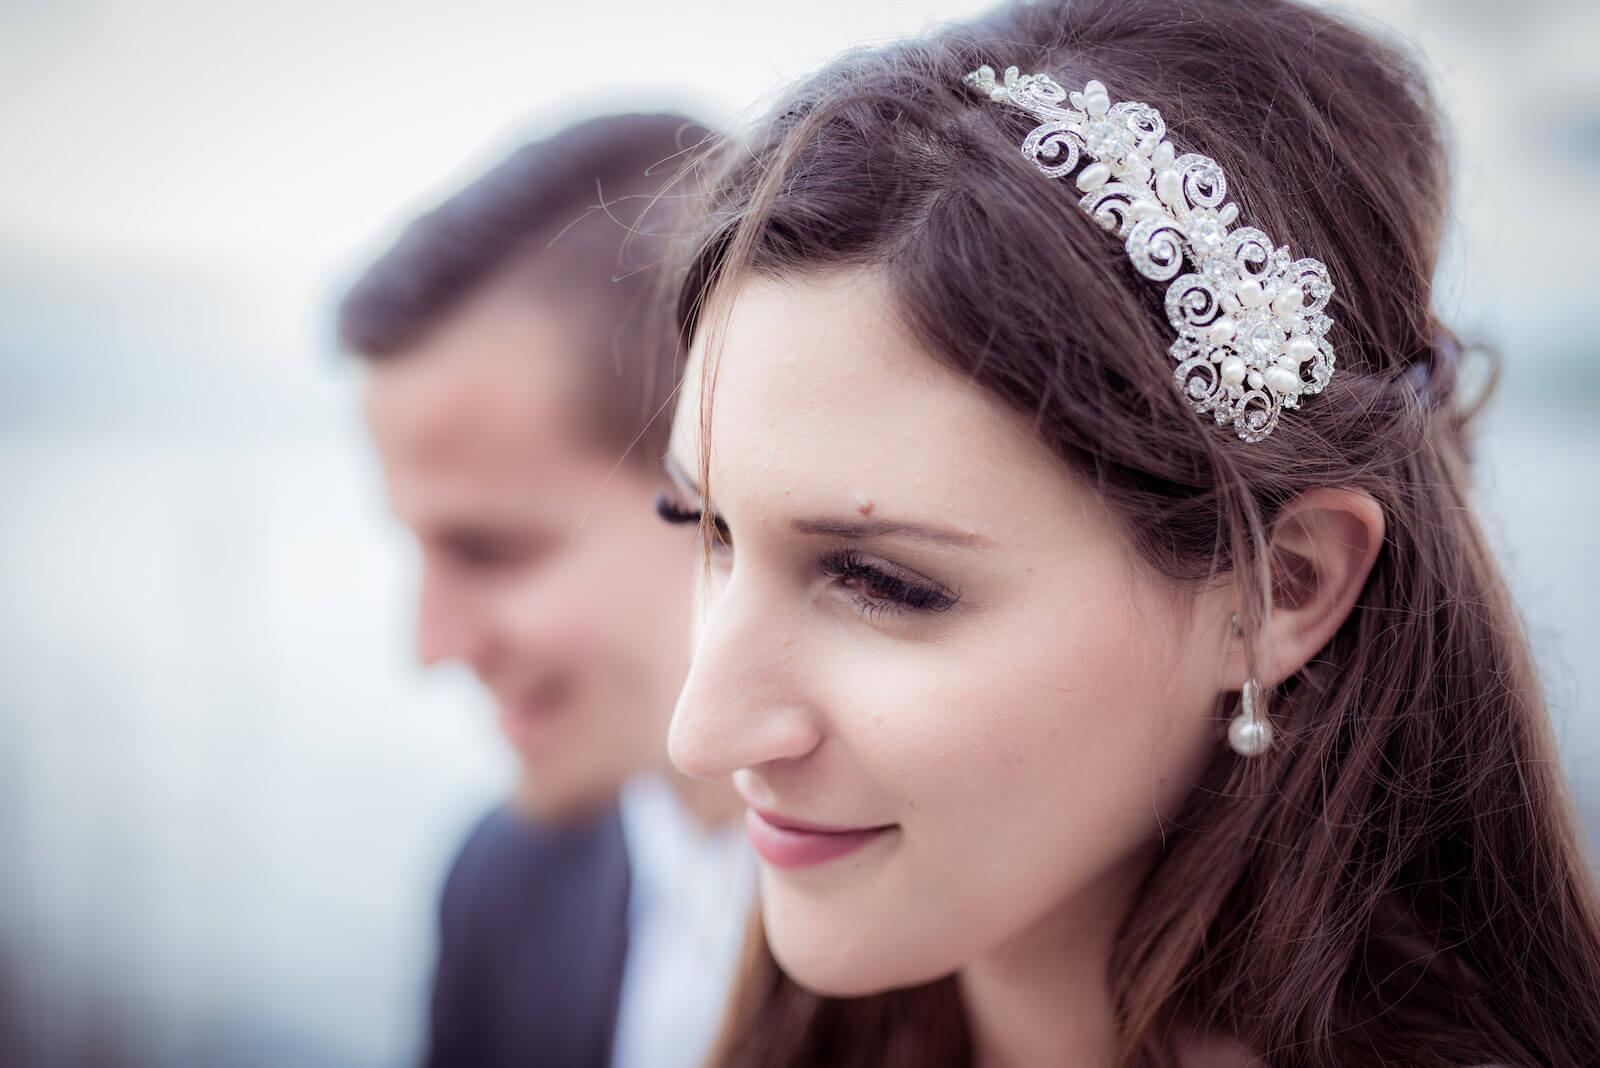 Hochzeit mit Babybauch - Braut im Portrait, im Hintergrund der Bräutigam